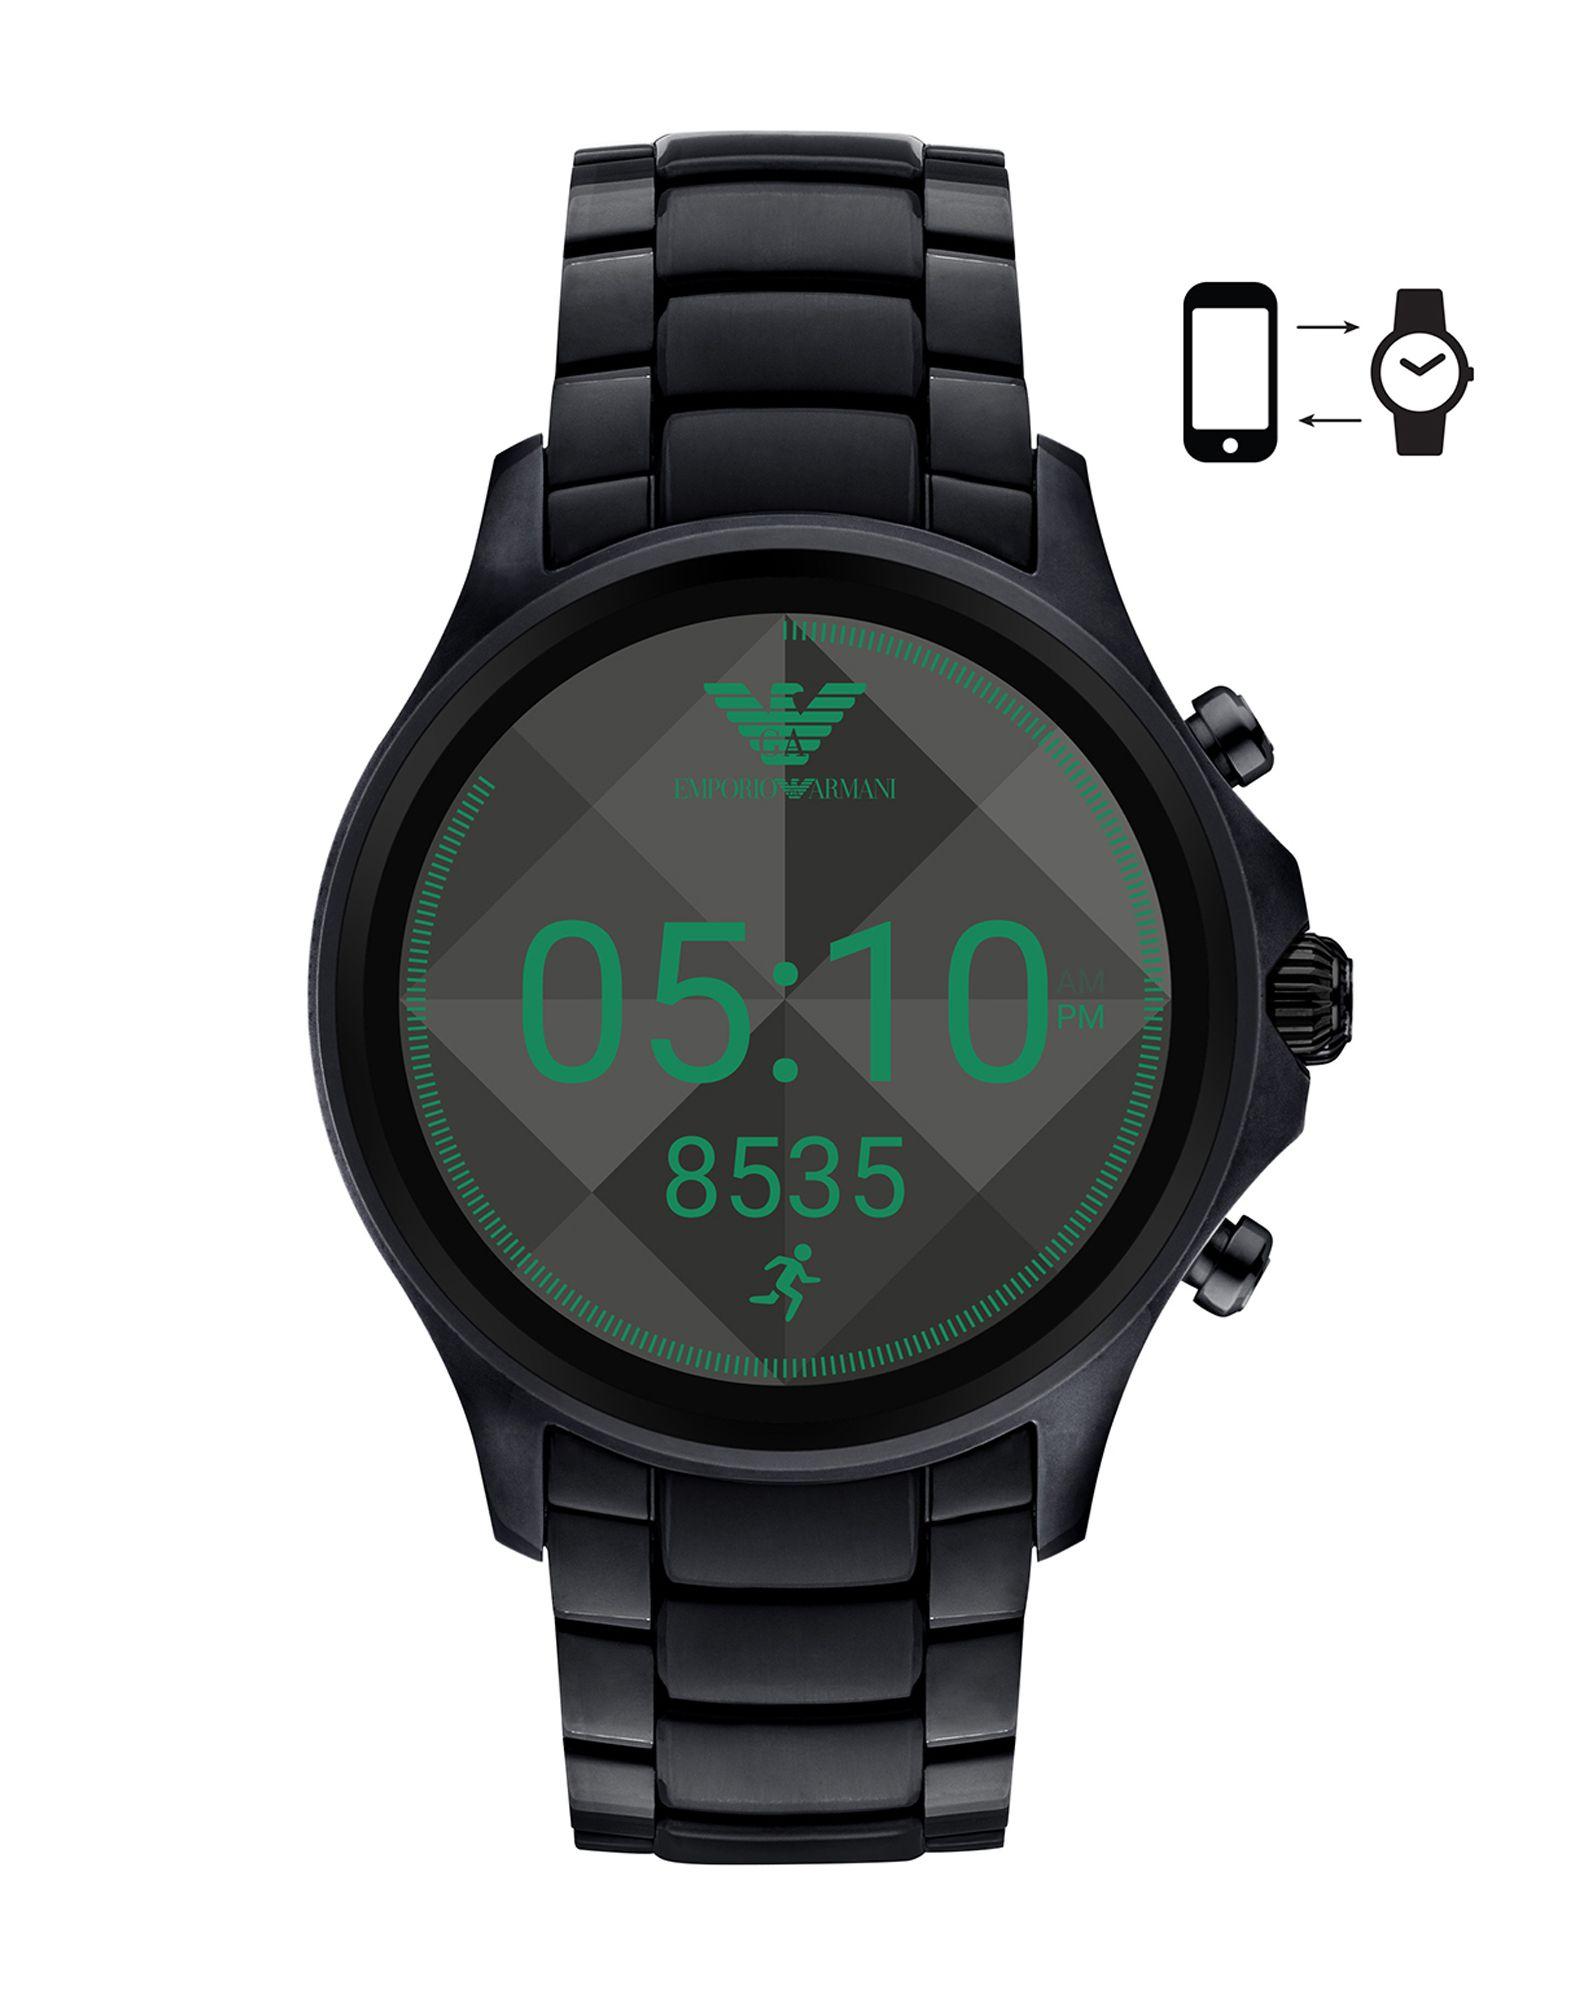 EMPORIO ARMANI CONNECTED Herren Smartwatch Farbe Schwarz Größe 1 - broschei